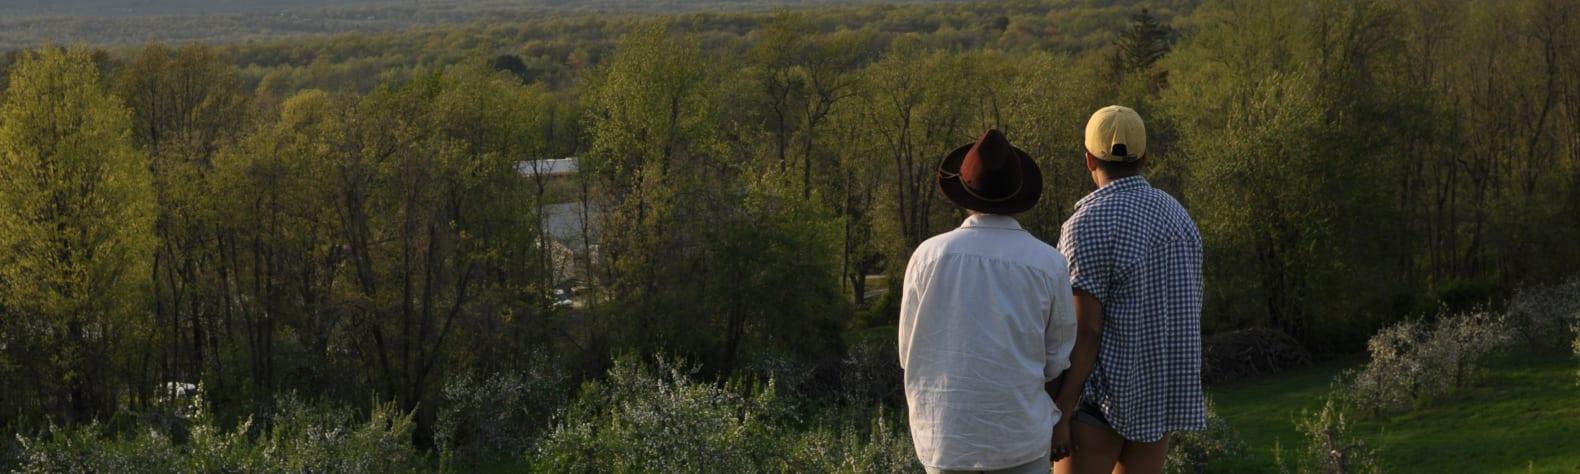 The Mountain Top @Wright's Farm